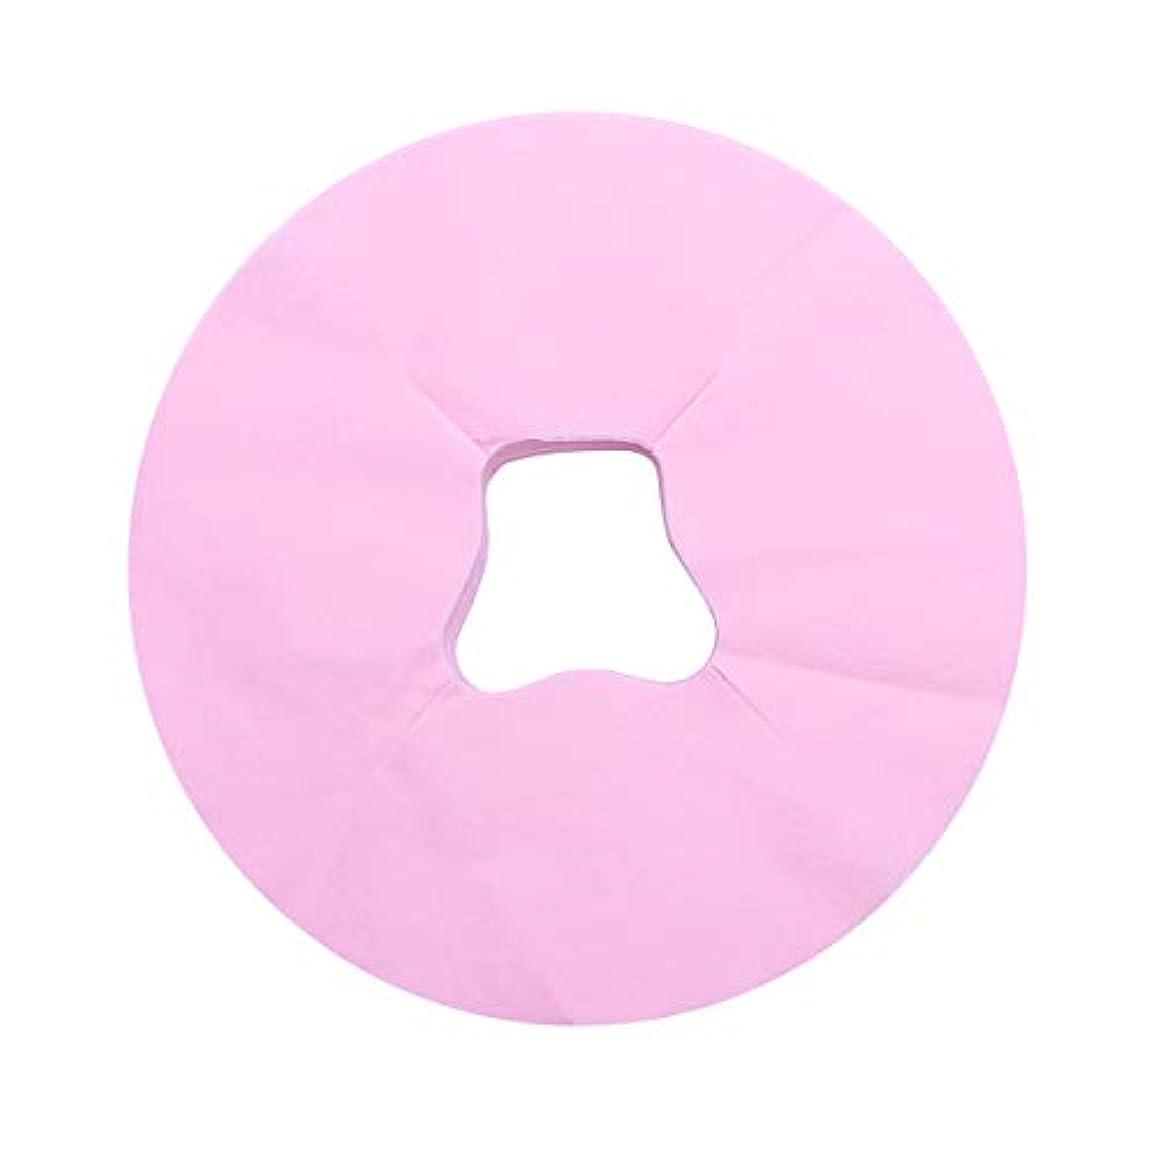 驚空白呼びかけるSUPVOX 100ピース使い捨てフェイスカバーパッドマッサージフェイスピローカバーフェイシャルベッドサロンスパヘッドレストピローシート(ピンク)